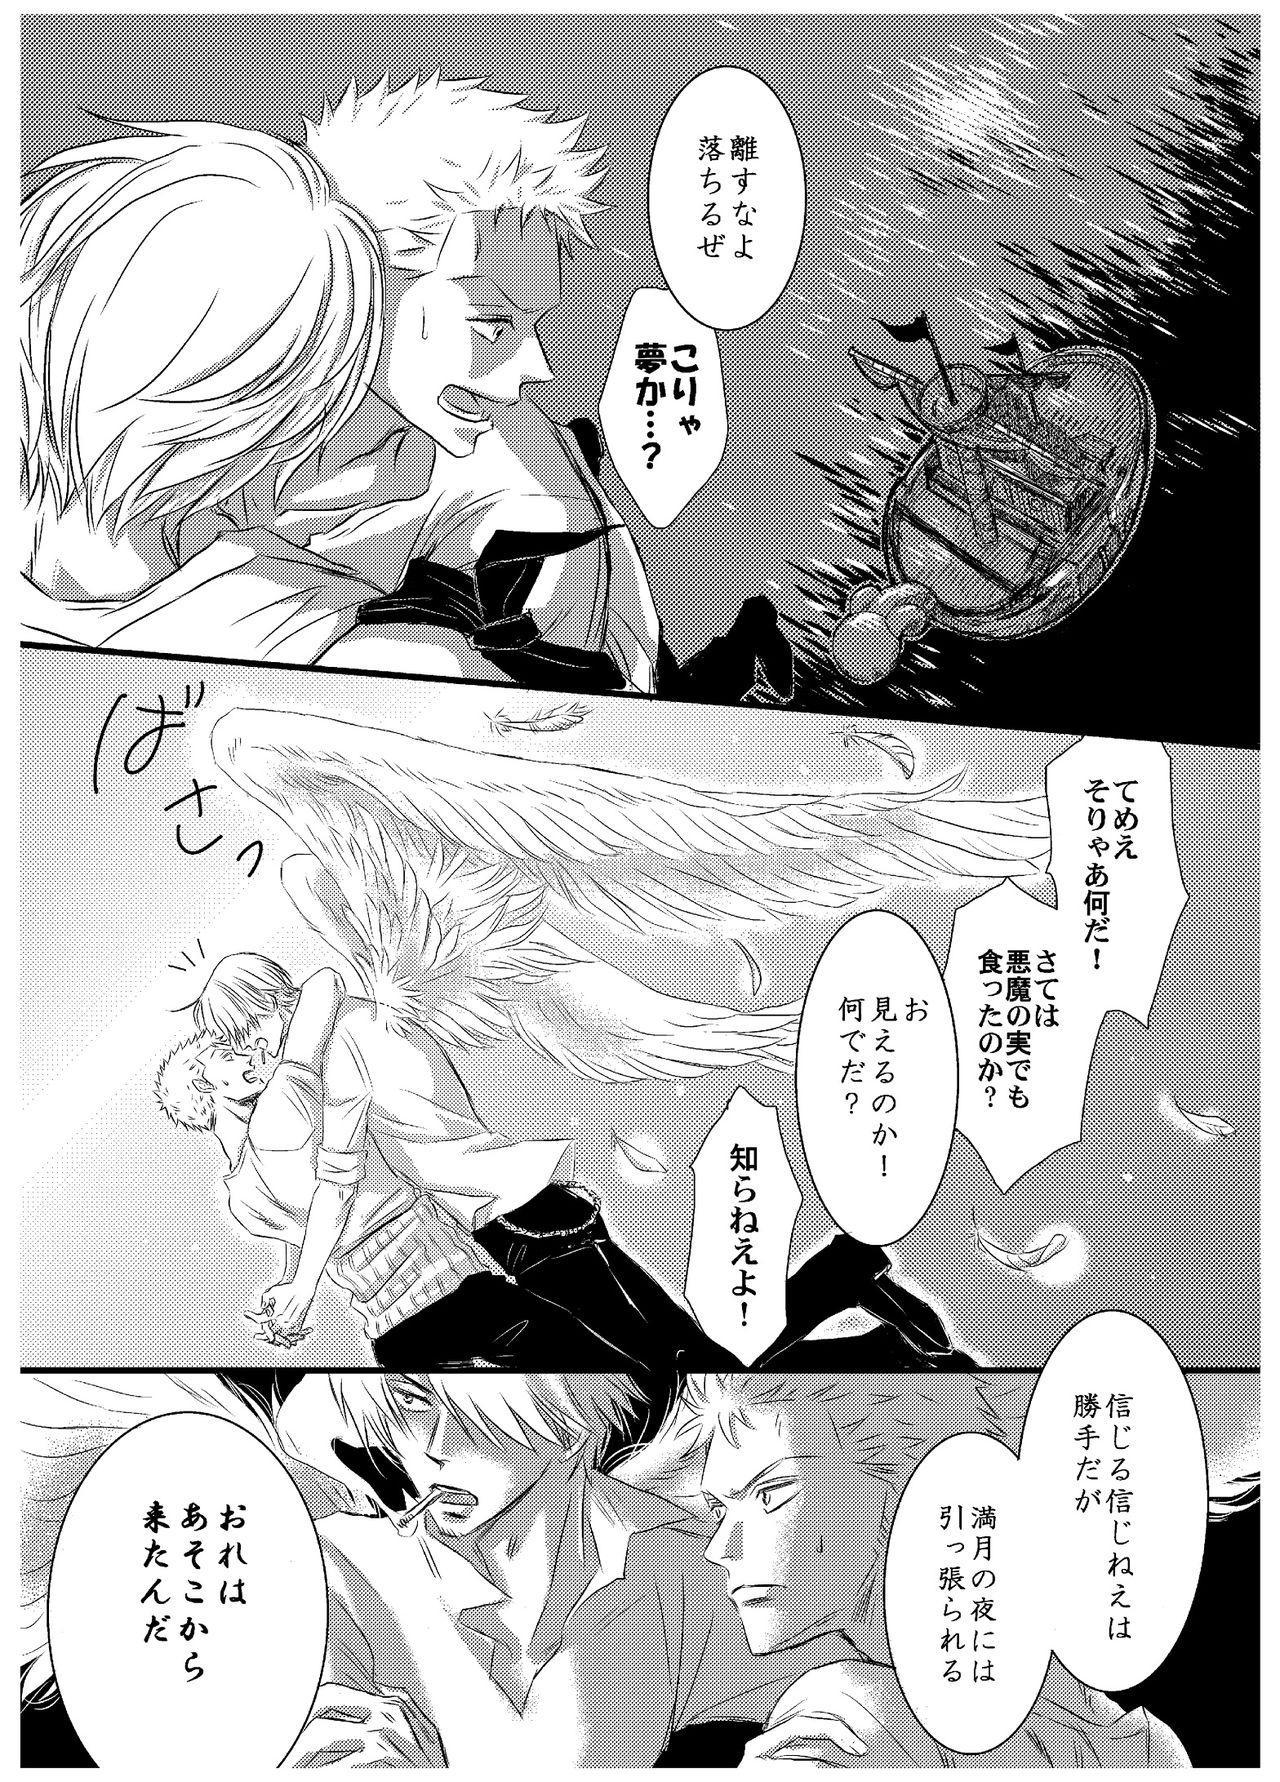 Inryoku de Hanasanai 6